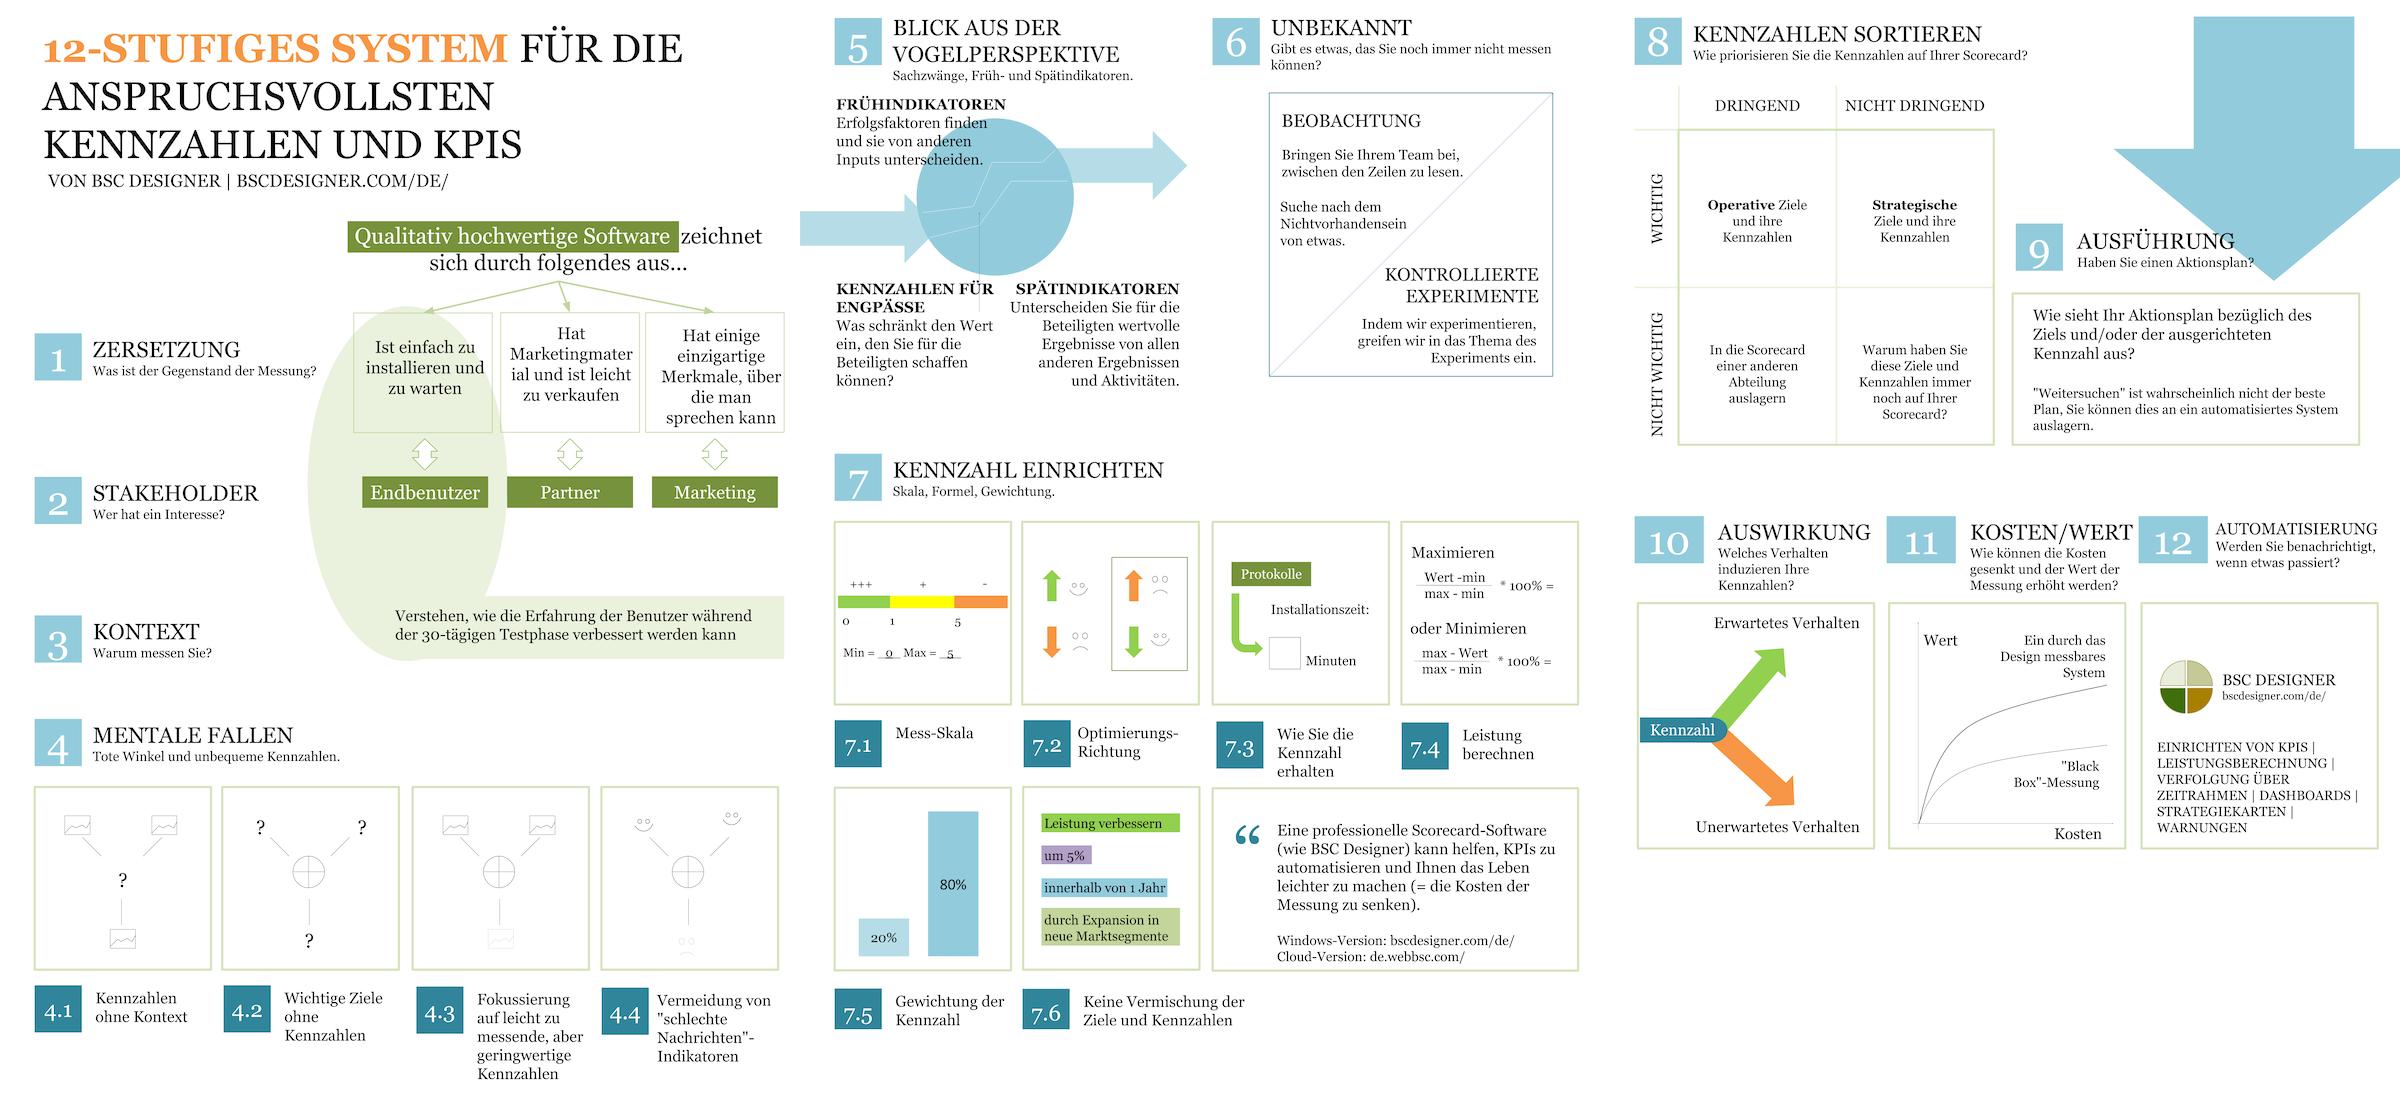 12-schrittiges KPI-System zur Ermittlung von KPIs für die schwierigsten Geschäftssituationen